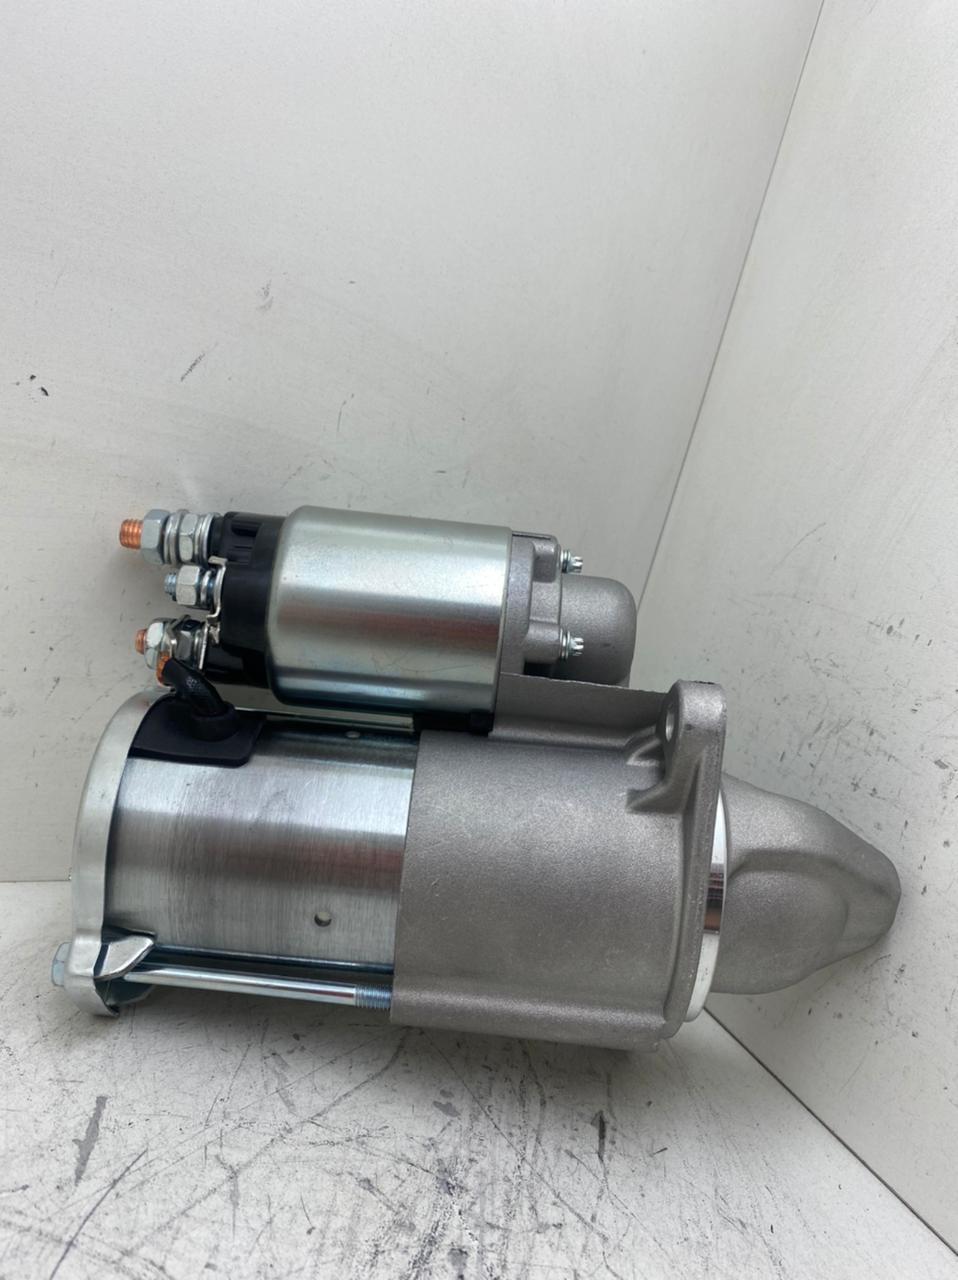 Motor de arranque GM CRUZE COBALT SPIN 12V 9 DENTES AS PL S10998 96831615 6939 55556082 55576980 8030387 7084991 E 20566 D 20224 AEC11025